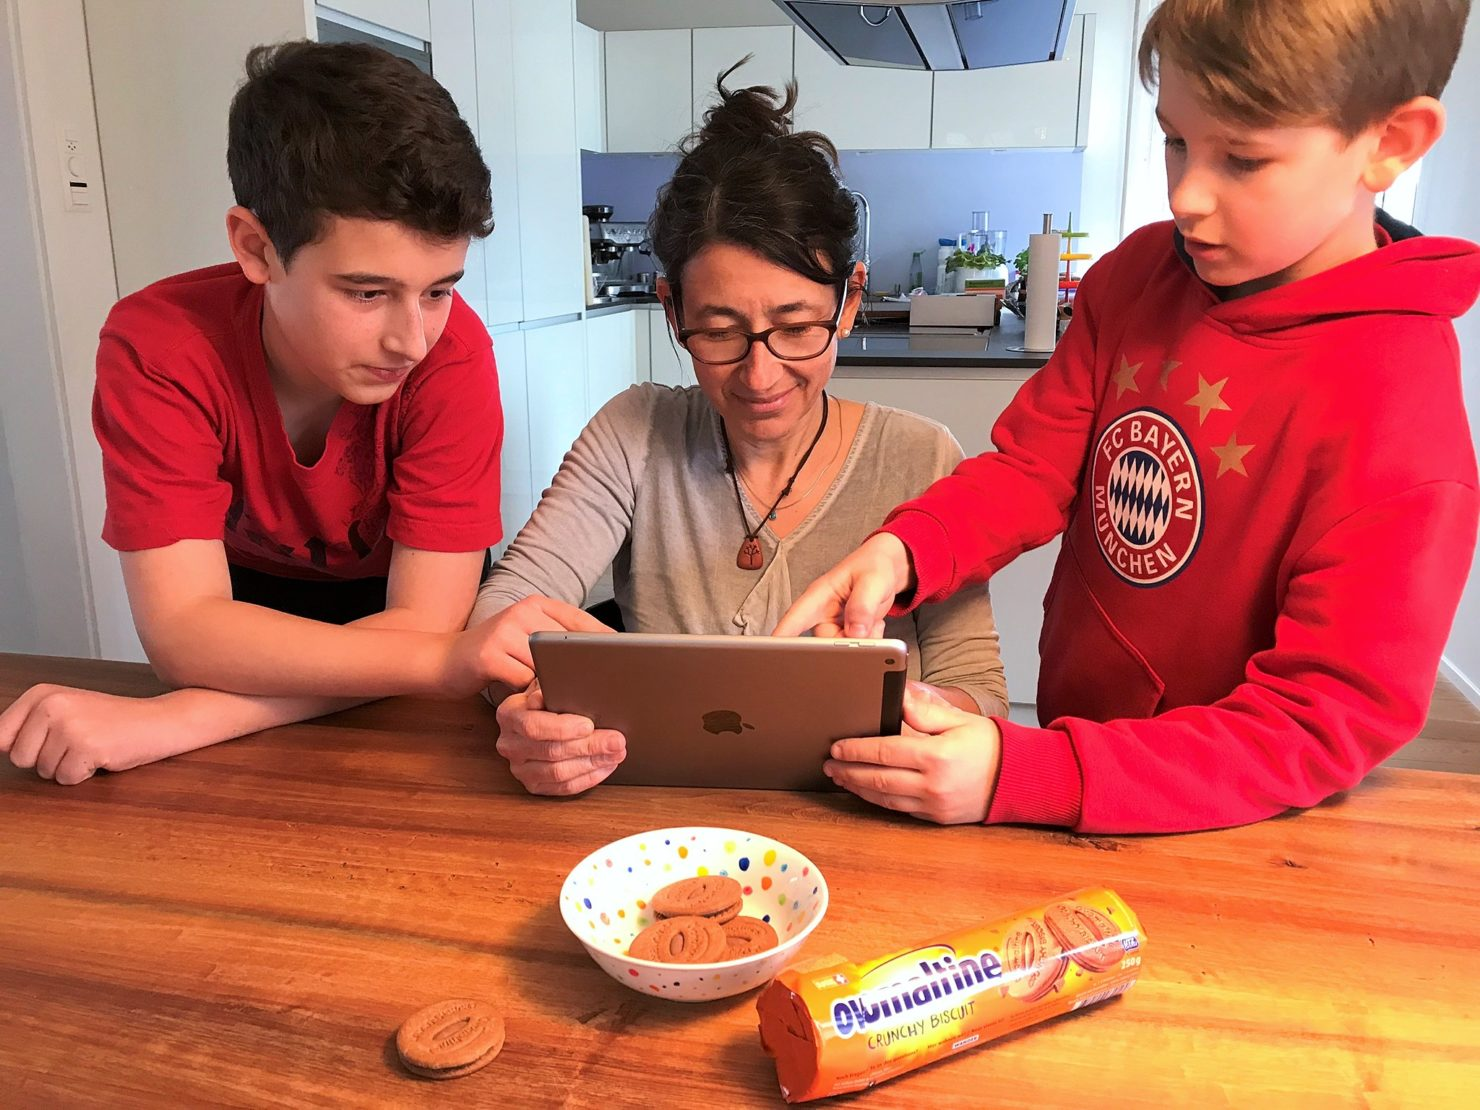 Mehr Sicherheit im Internet für Kinder und Eltern - die bestten Tipps für mehr Online-Sicherheit für die ganze Familie